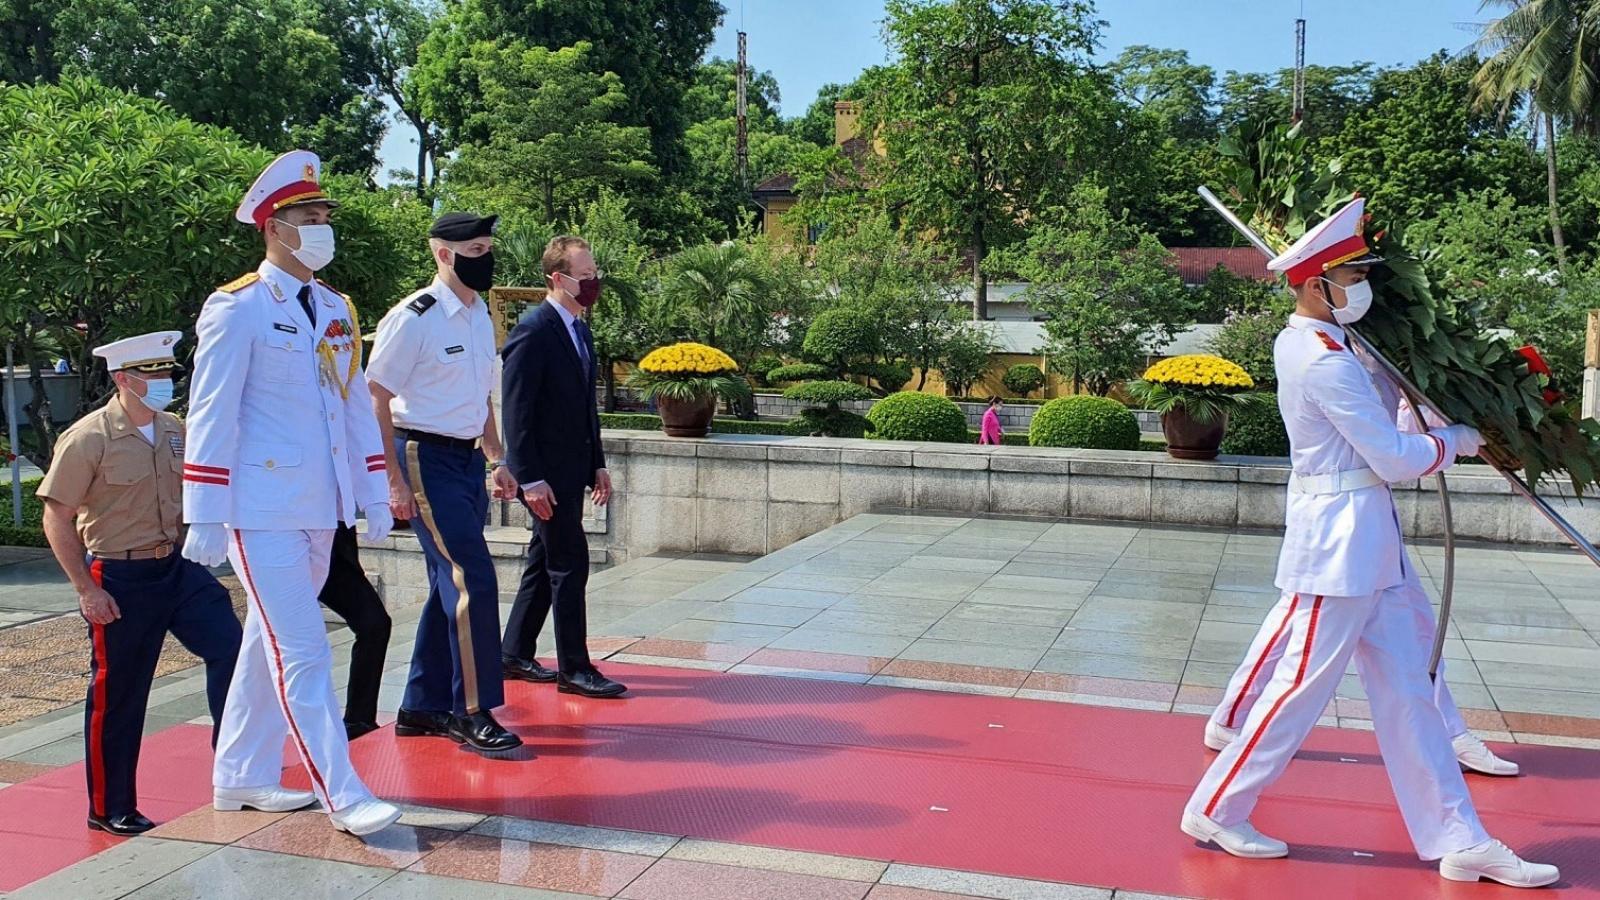 Tùy viên Quốc phòng Hoa Kỳtưởng niệm những người Việt Nam hy sinh vì Tổ quốc